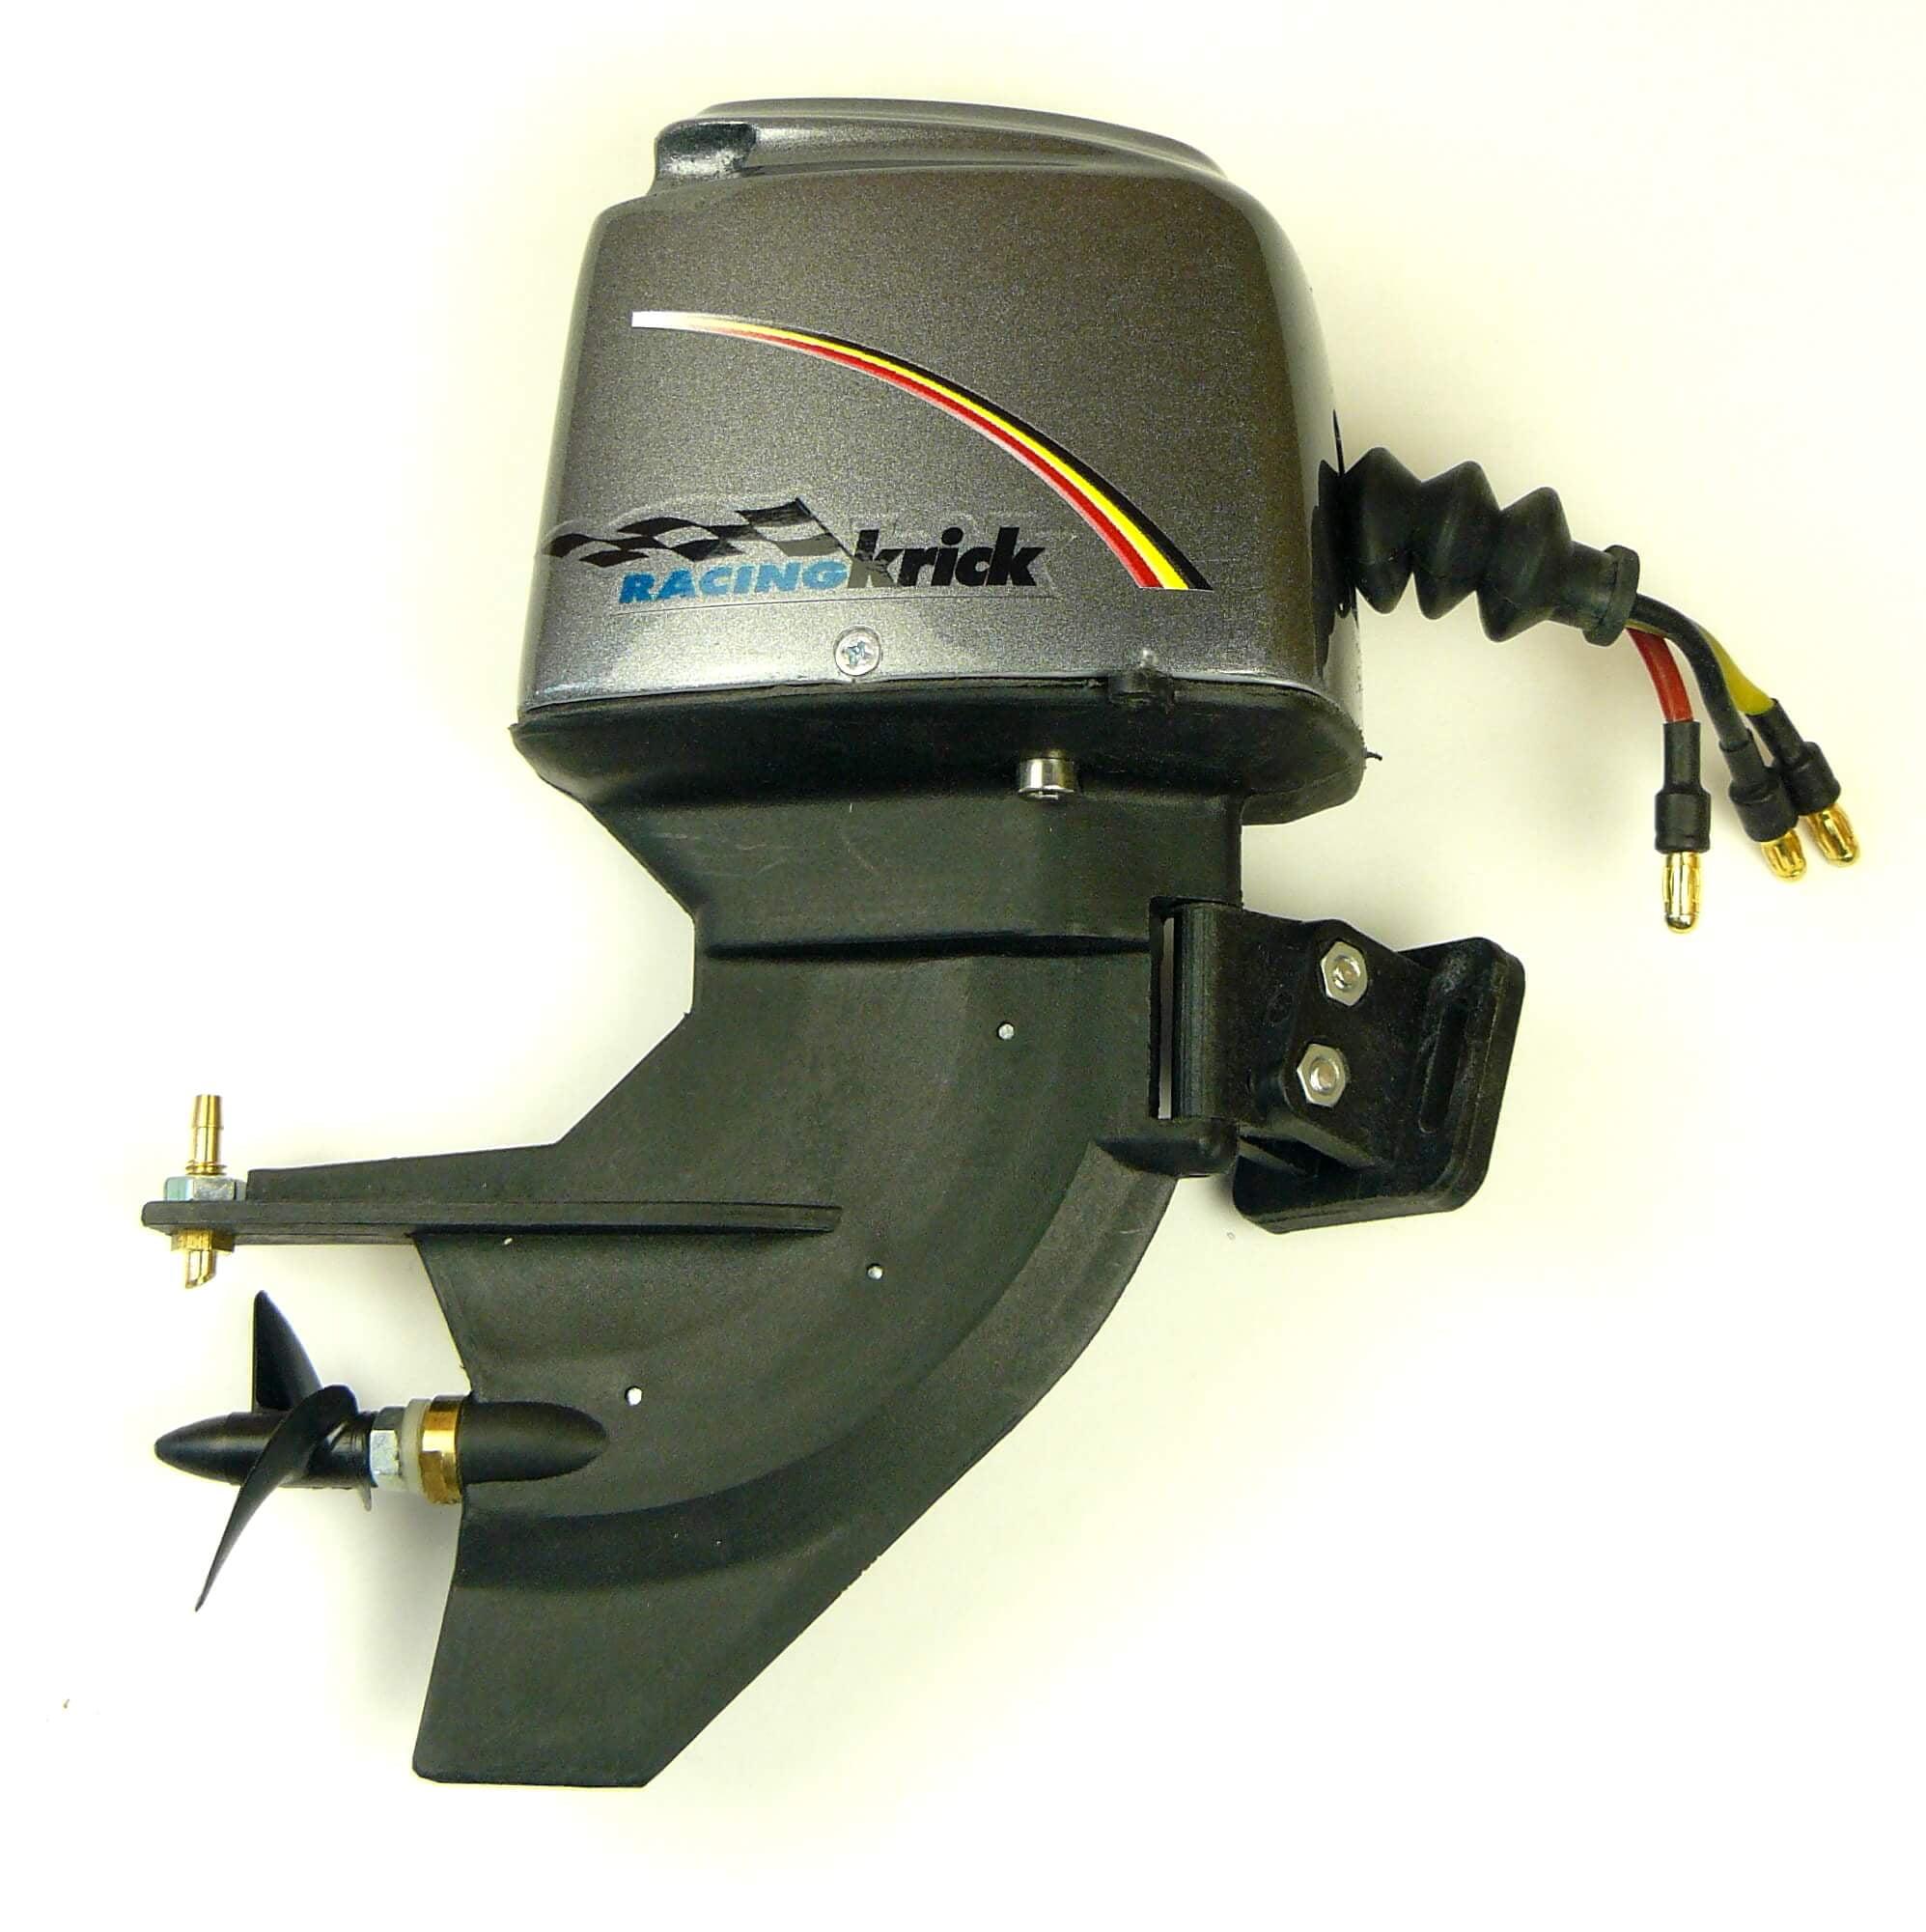 Krick Pan 21 Outboard Motor 26315 Hobbies